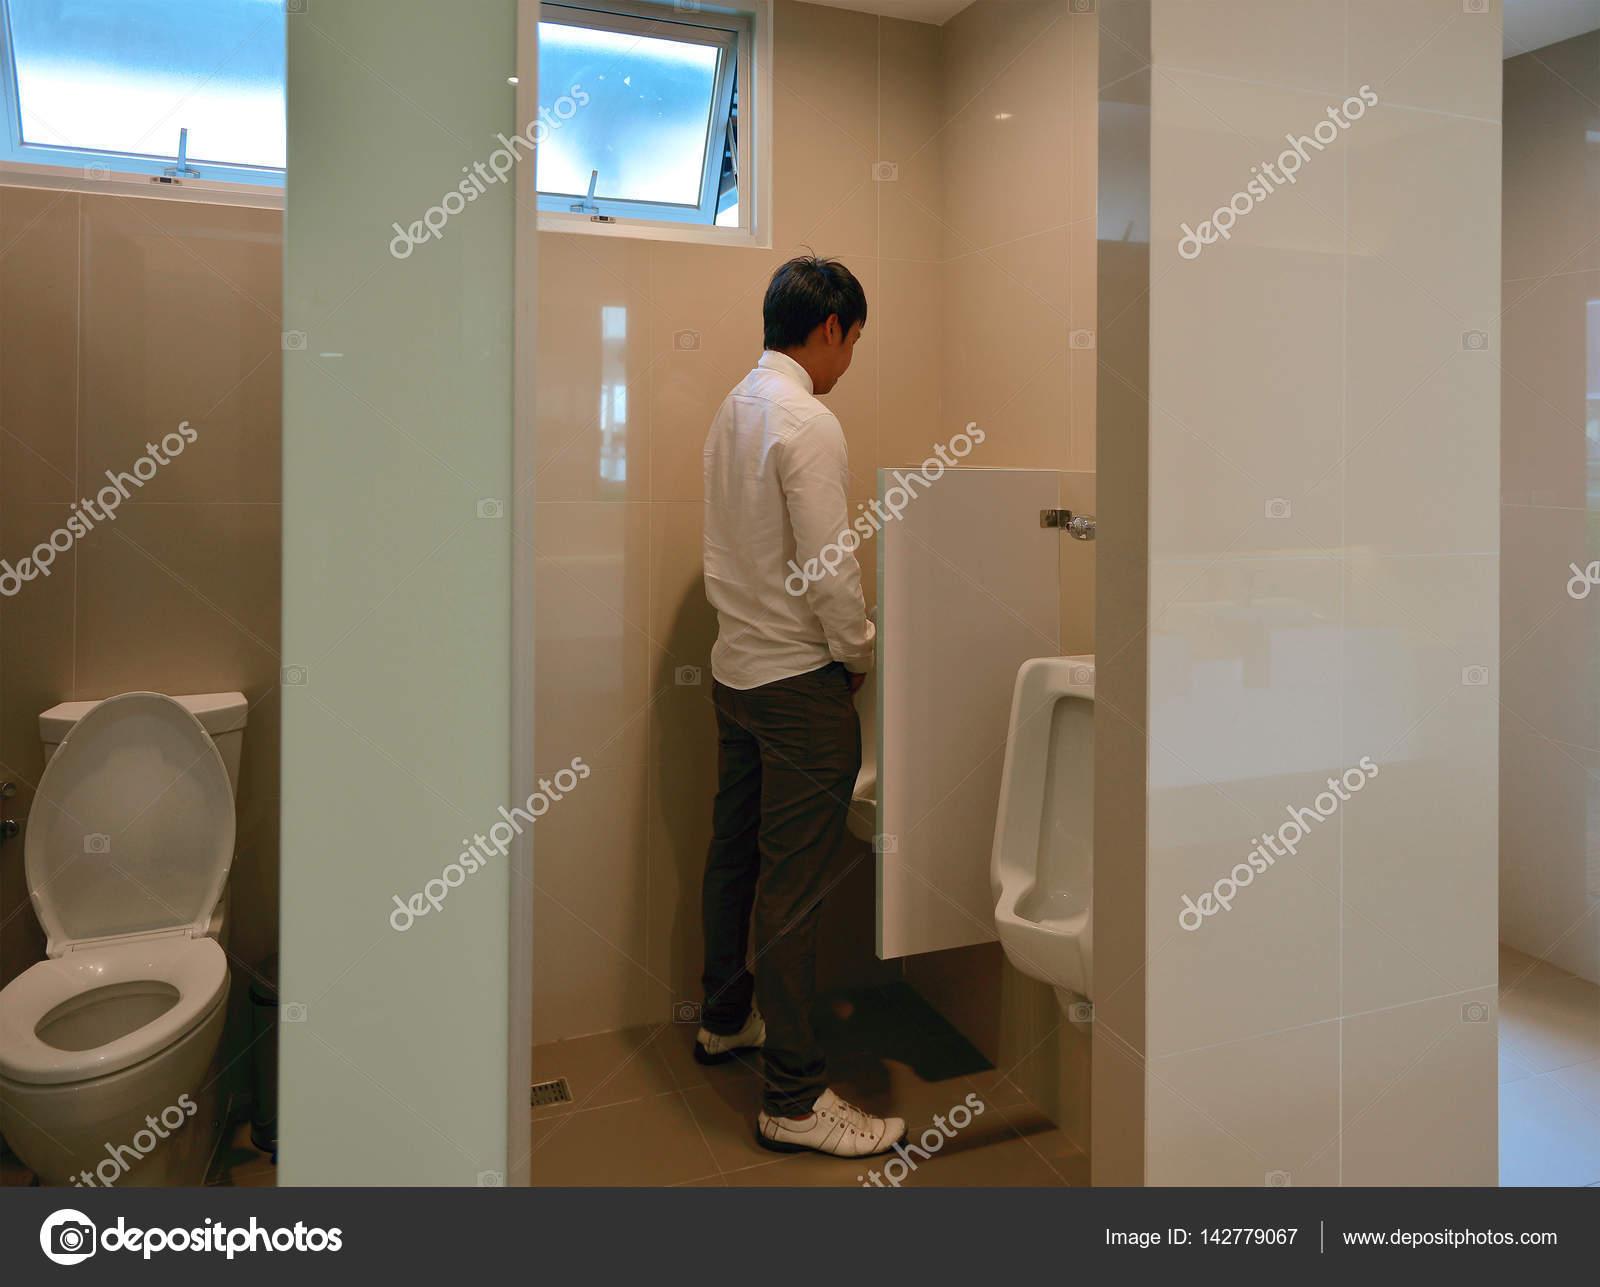 Salle De Bain Asiatique intérieur un homme d'affaires asiatique urine dans la salle de bain, personne